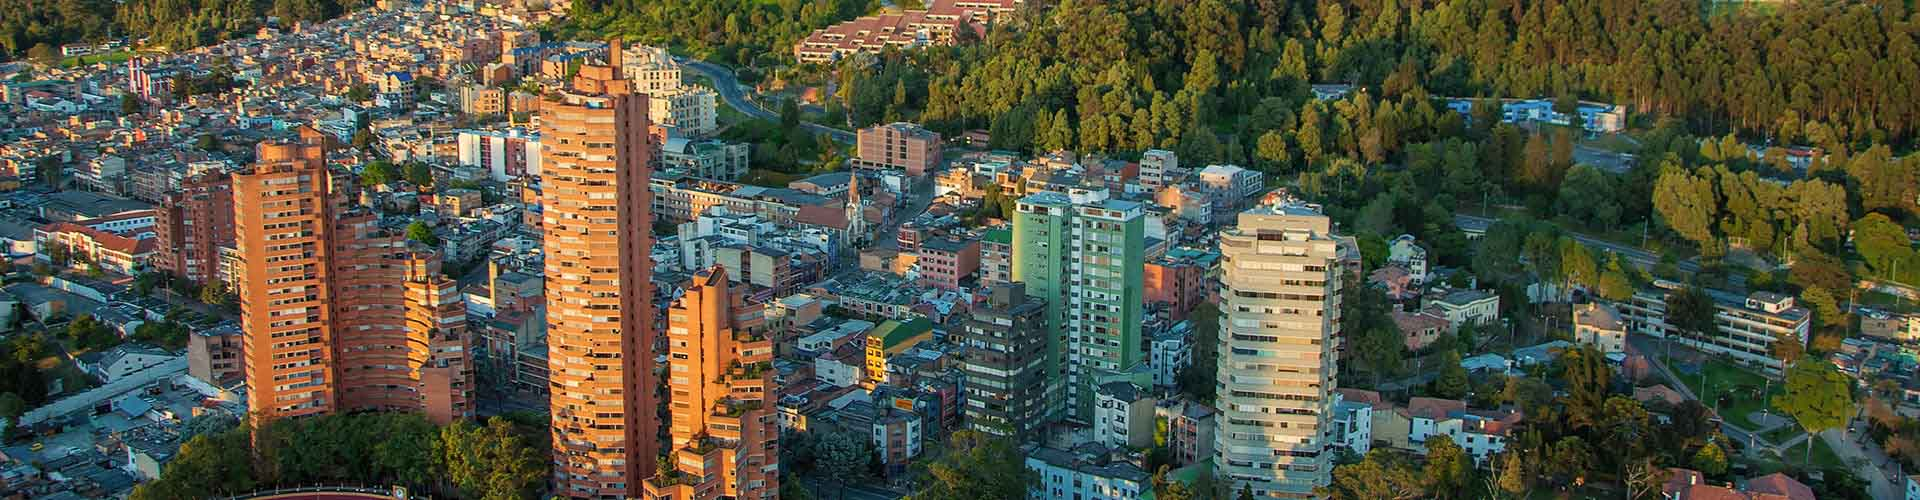 Bogotá - Hoteles baratos en el distrito La Concordia. Mapas de Bogotá, Fotos y comentarios de cada Hotel barato en Bogotá.